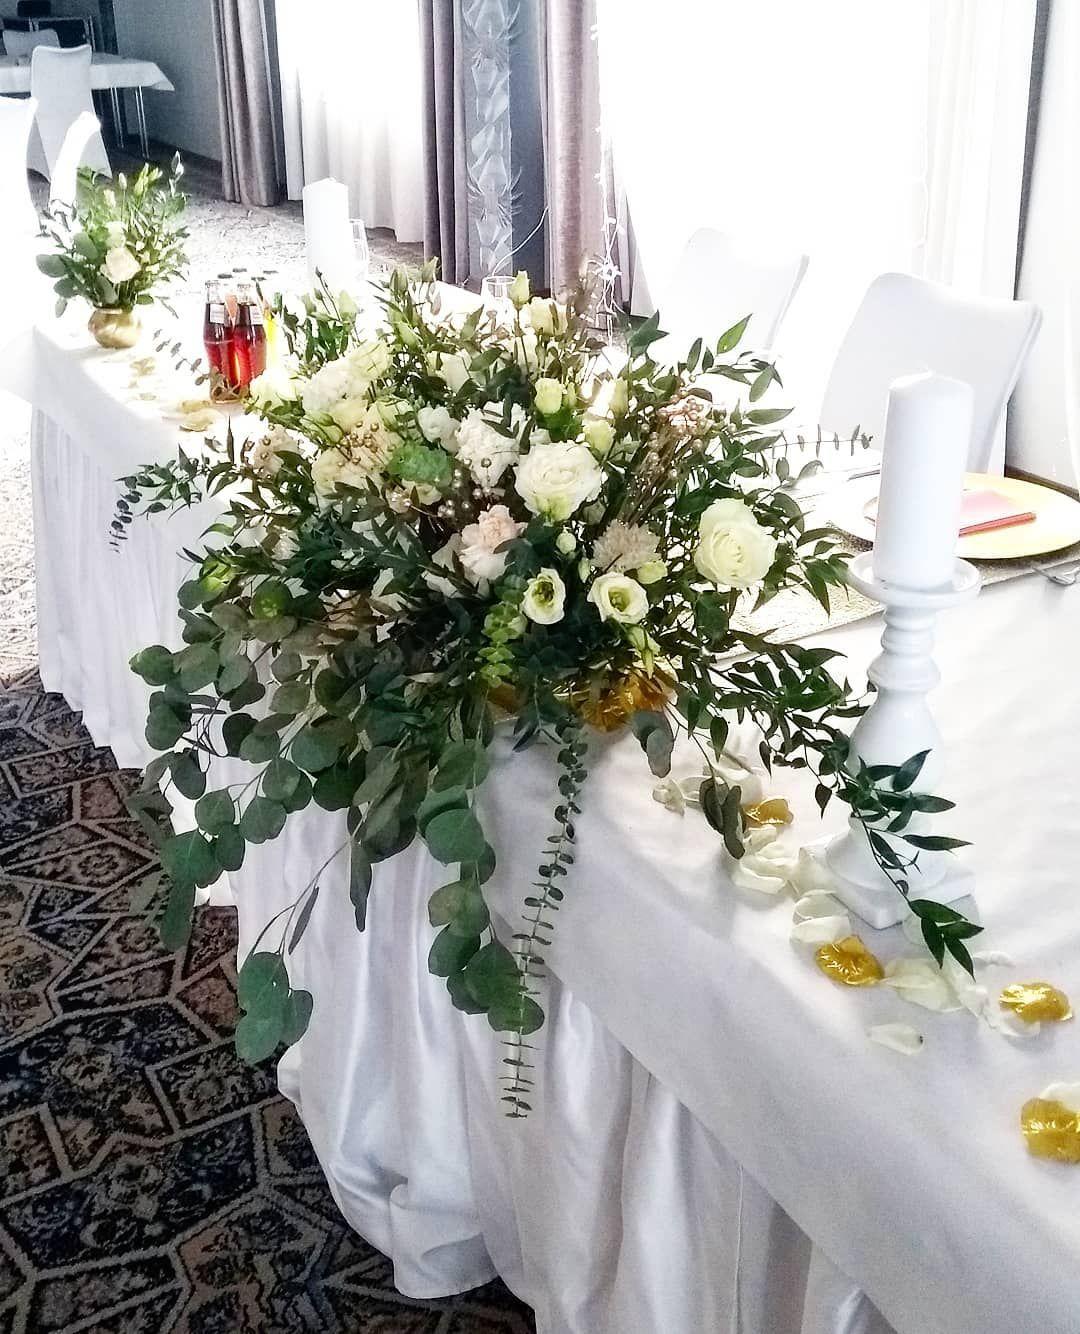 Kompozycja Na Stol Panstwa Mlodych W Pieknym Hotellenart Atelierfloralkrakow Florystykakrakow Kwiatynawese Wedding Decorations Decor Table Decorations